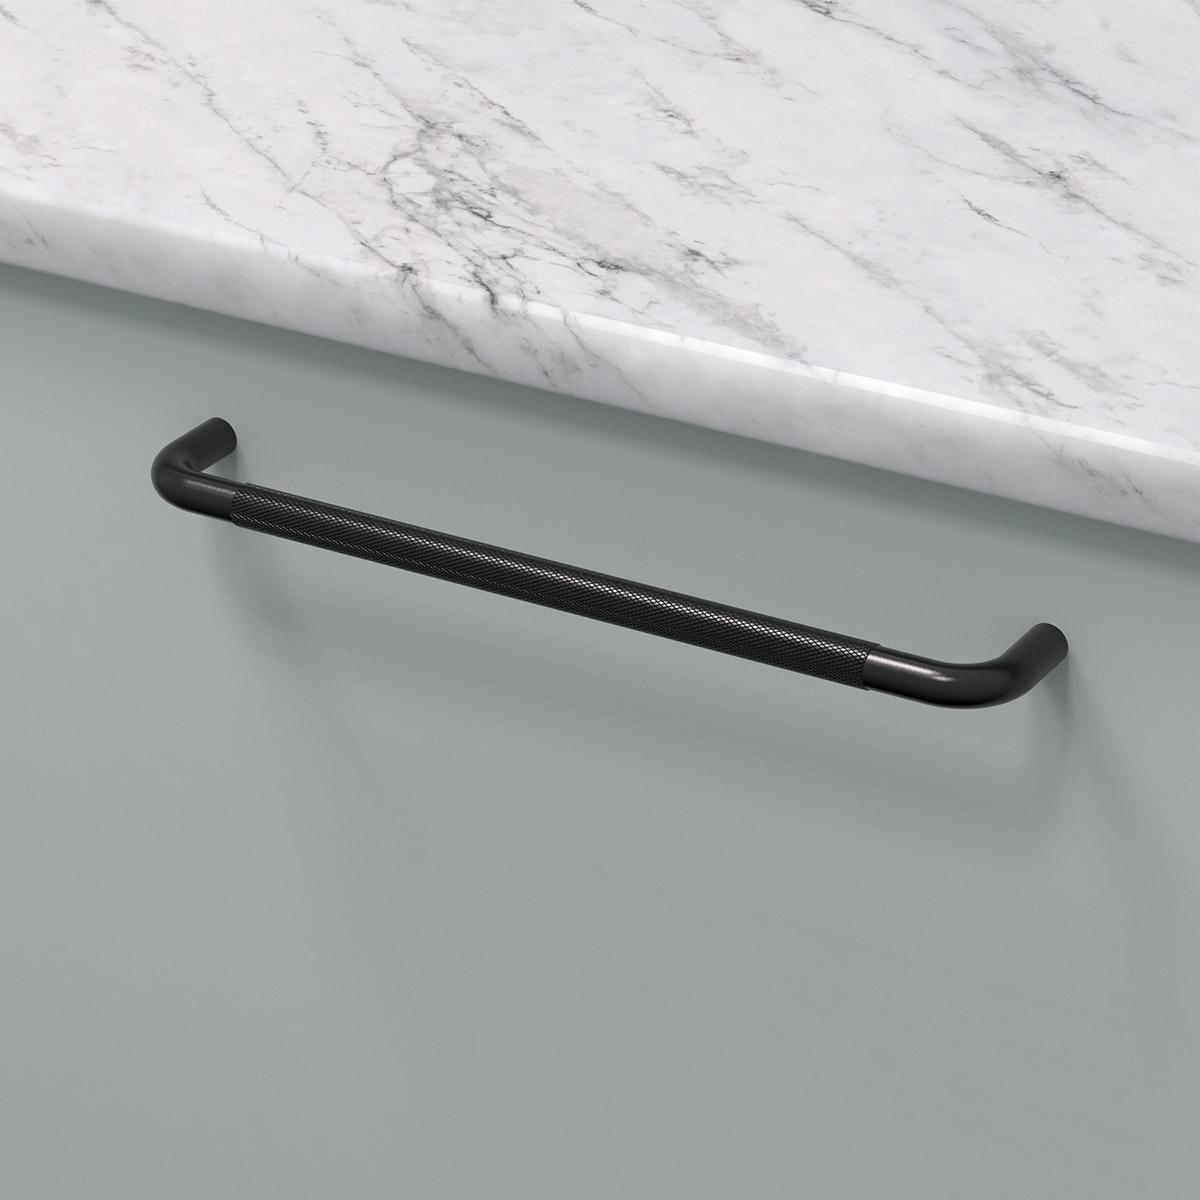 Handtag helix matt svart 309005 11 cc 224 mm ncs s 2005 g marmor carrara